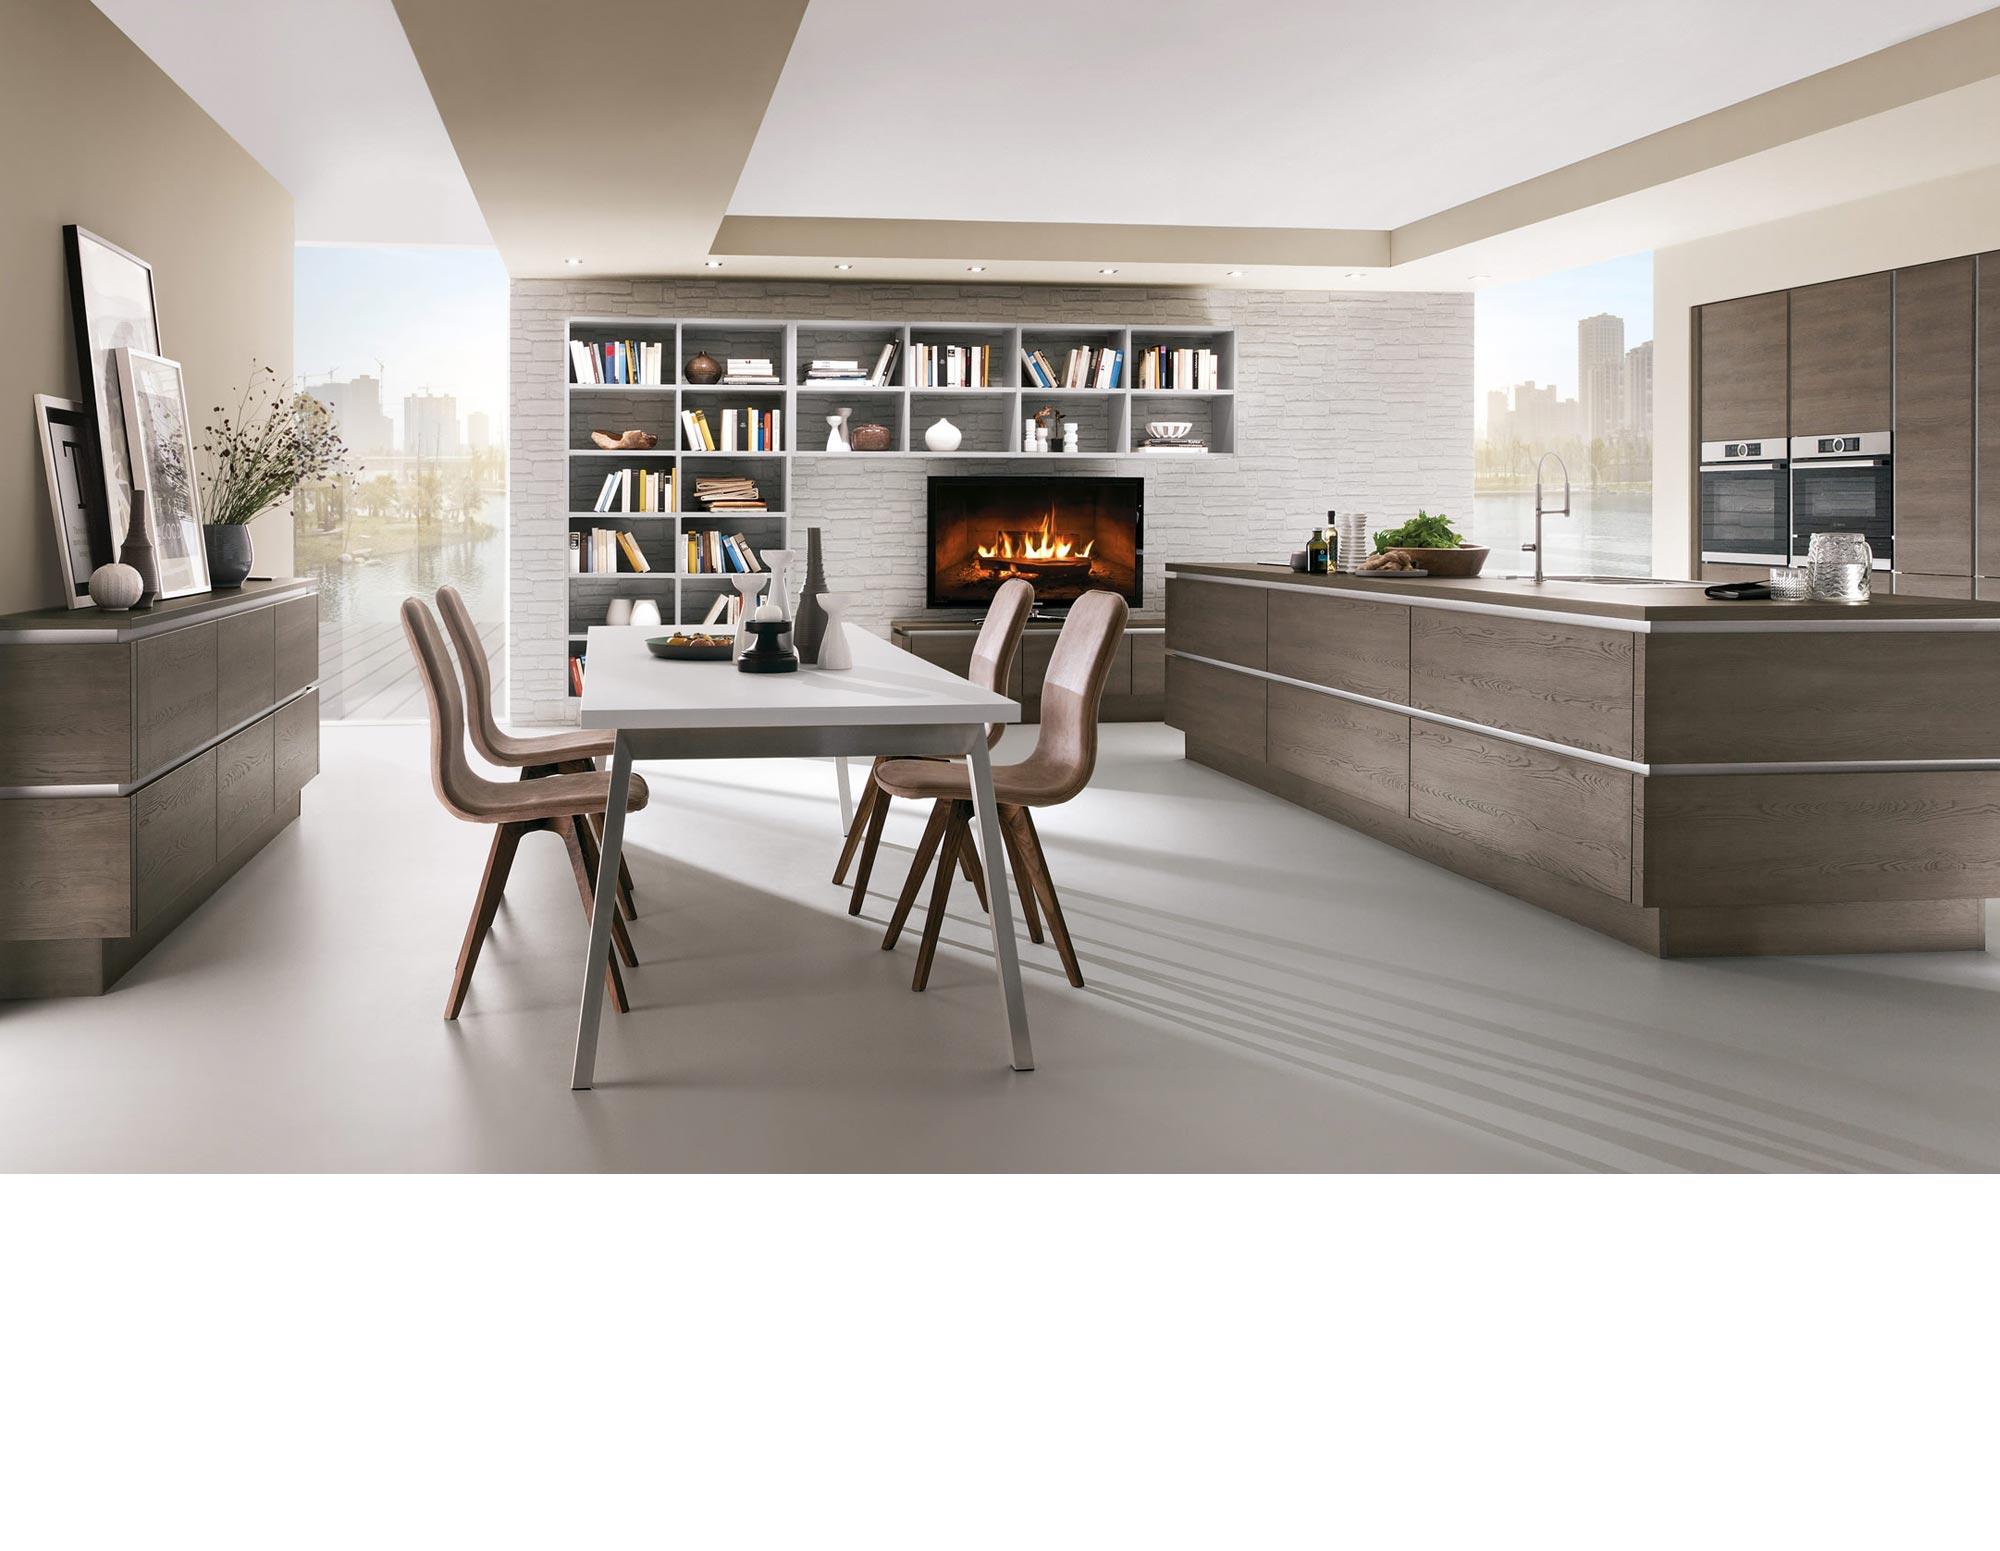 kontakt k chen b cker g tersloh. Black Bedroom Furniture Sets. Home Design Ideas